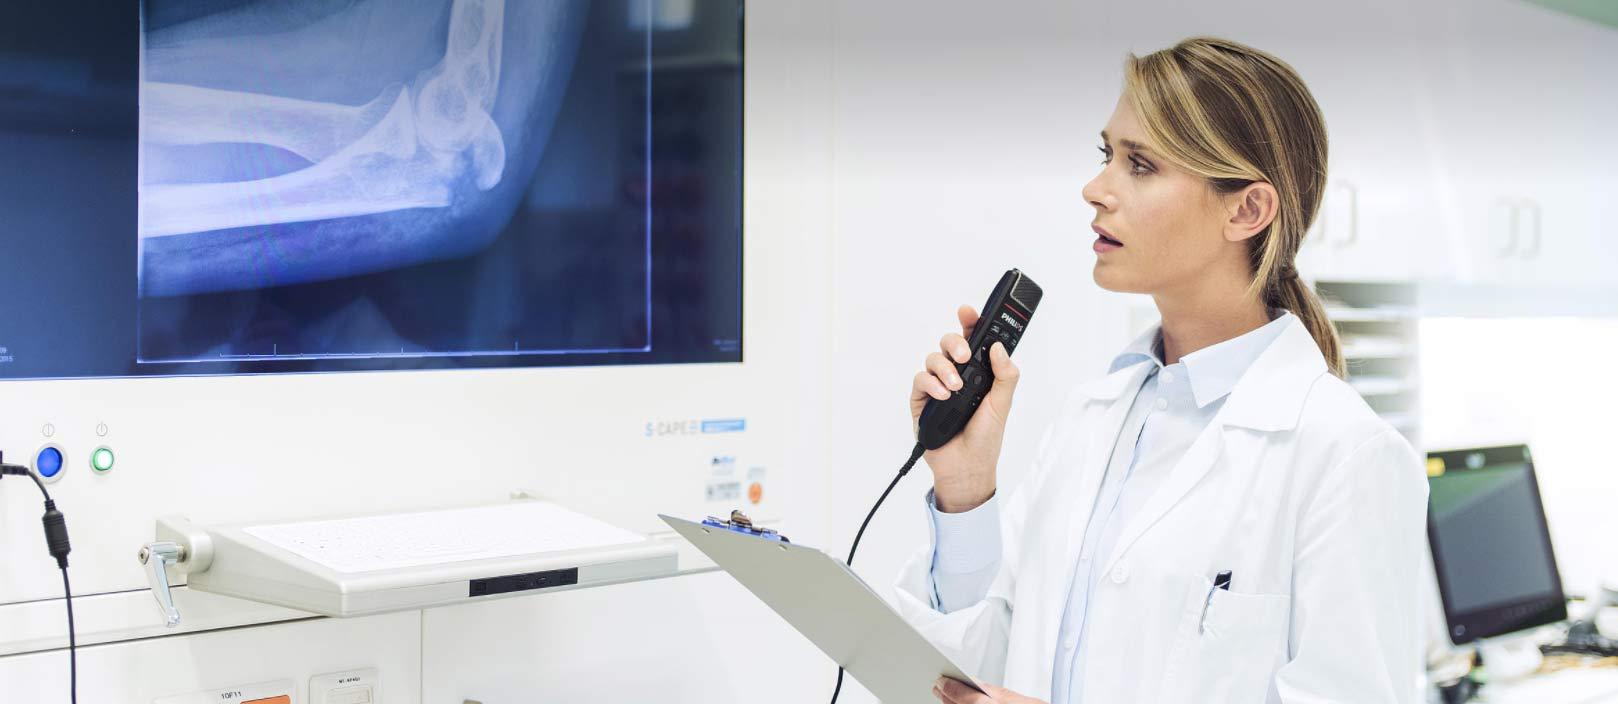 Reconnaissance vocale en milieu médical avec Dragon Medical One